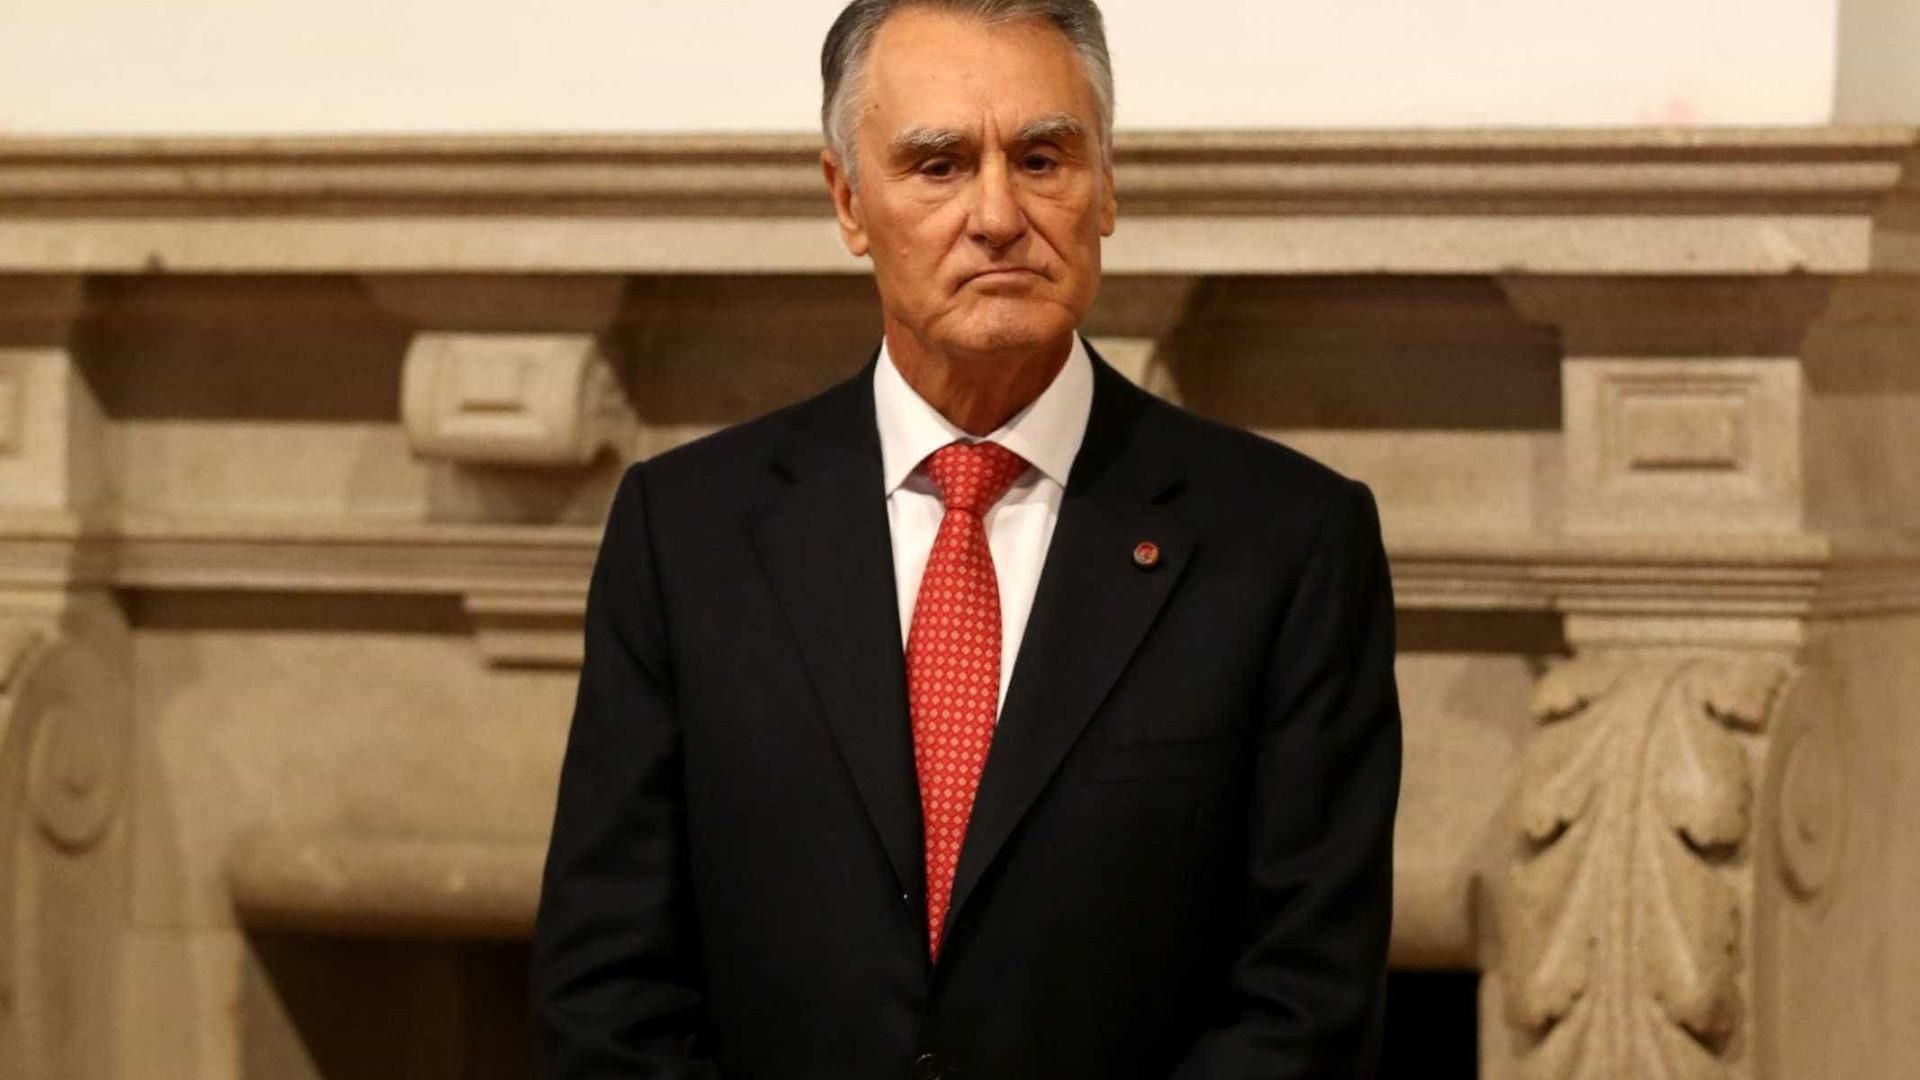 """Seria """"chocante"""" PSD aprovar reforma das Forças Armadas, diz Cavaco Silva"""